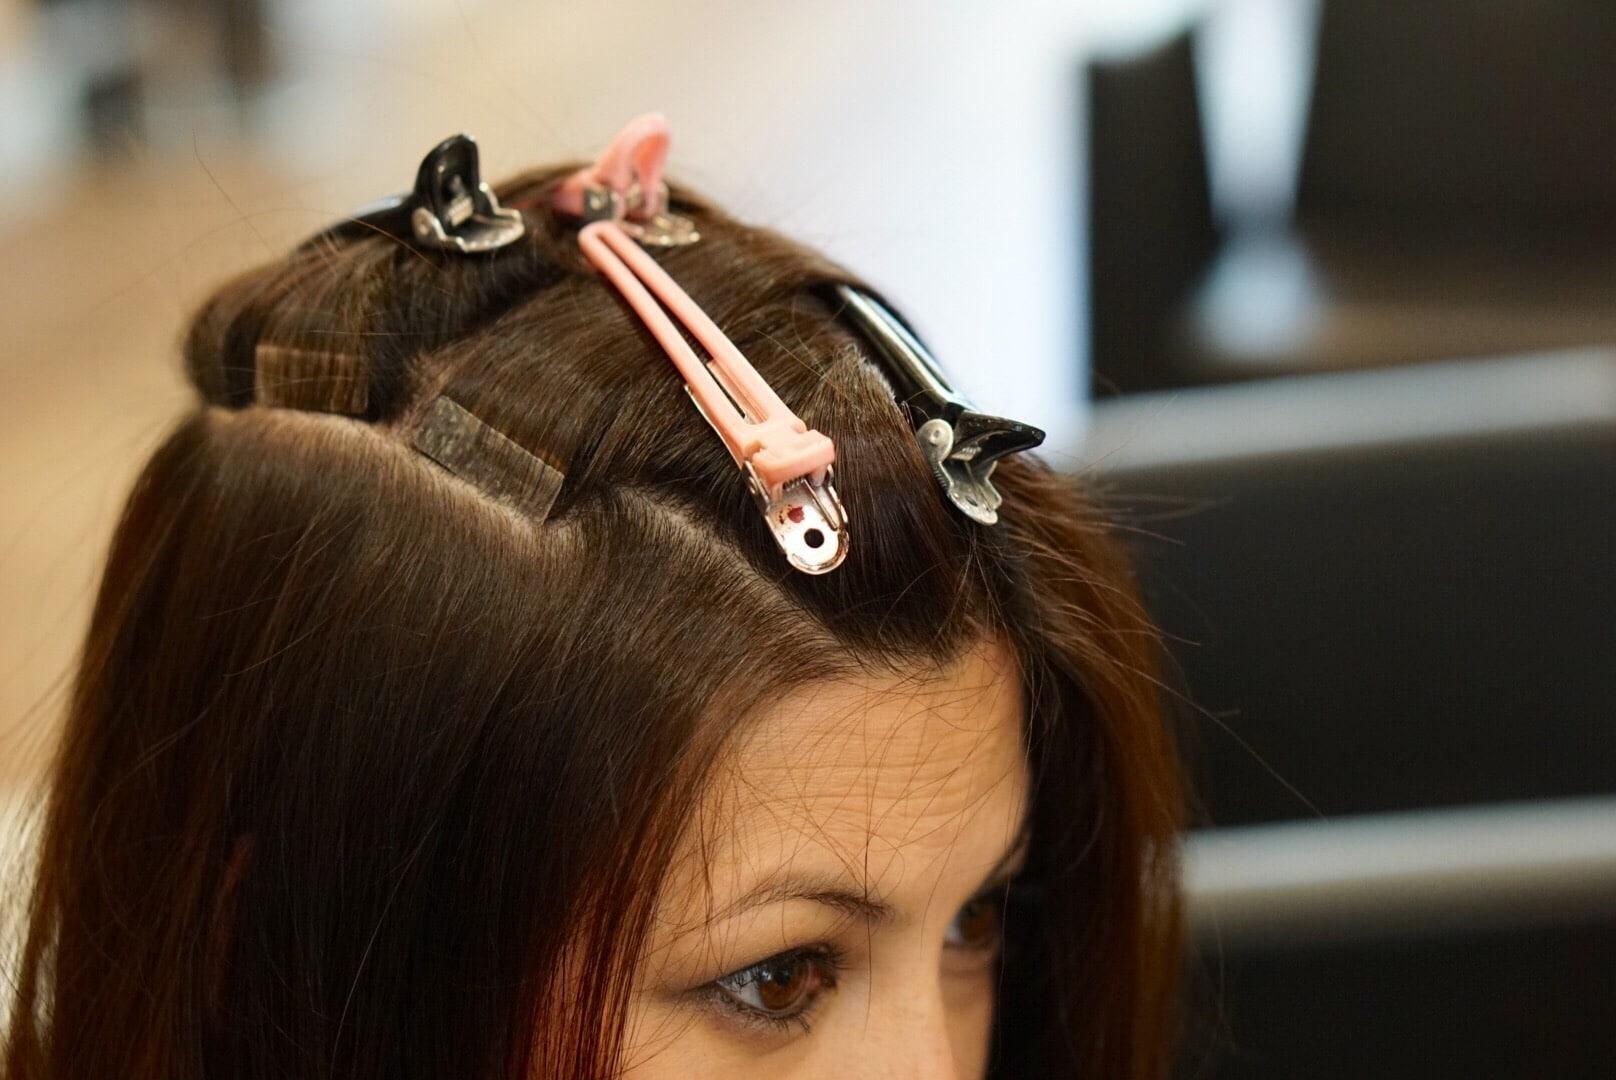 Les extensions cheveux : ce qu'il faut savoir